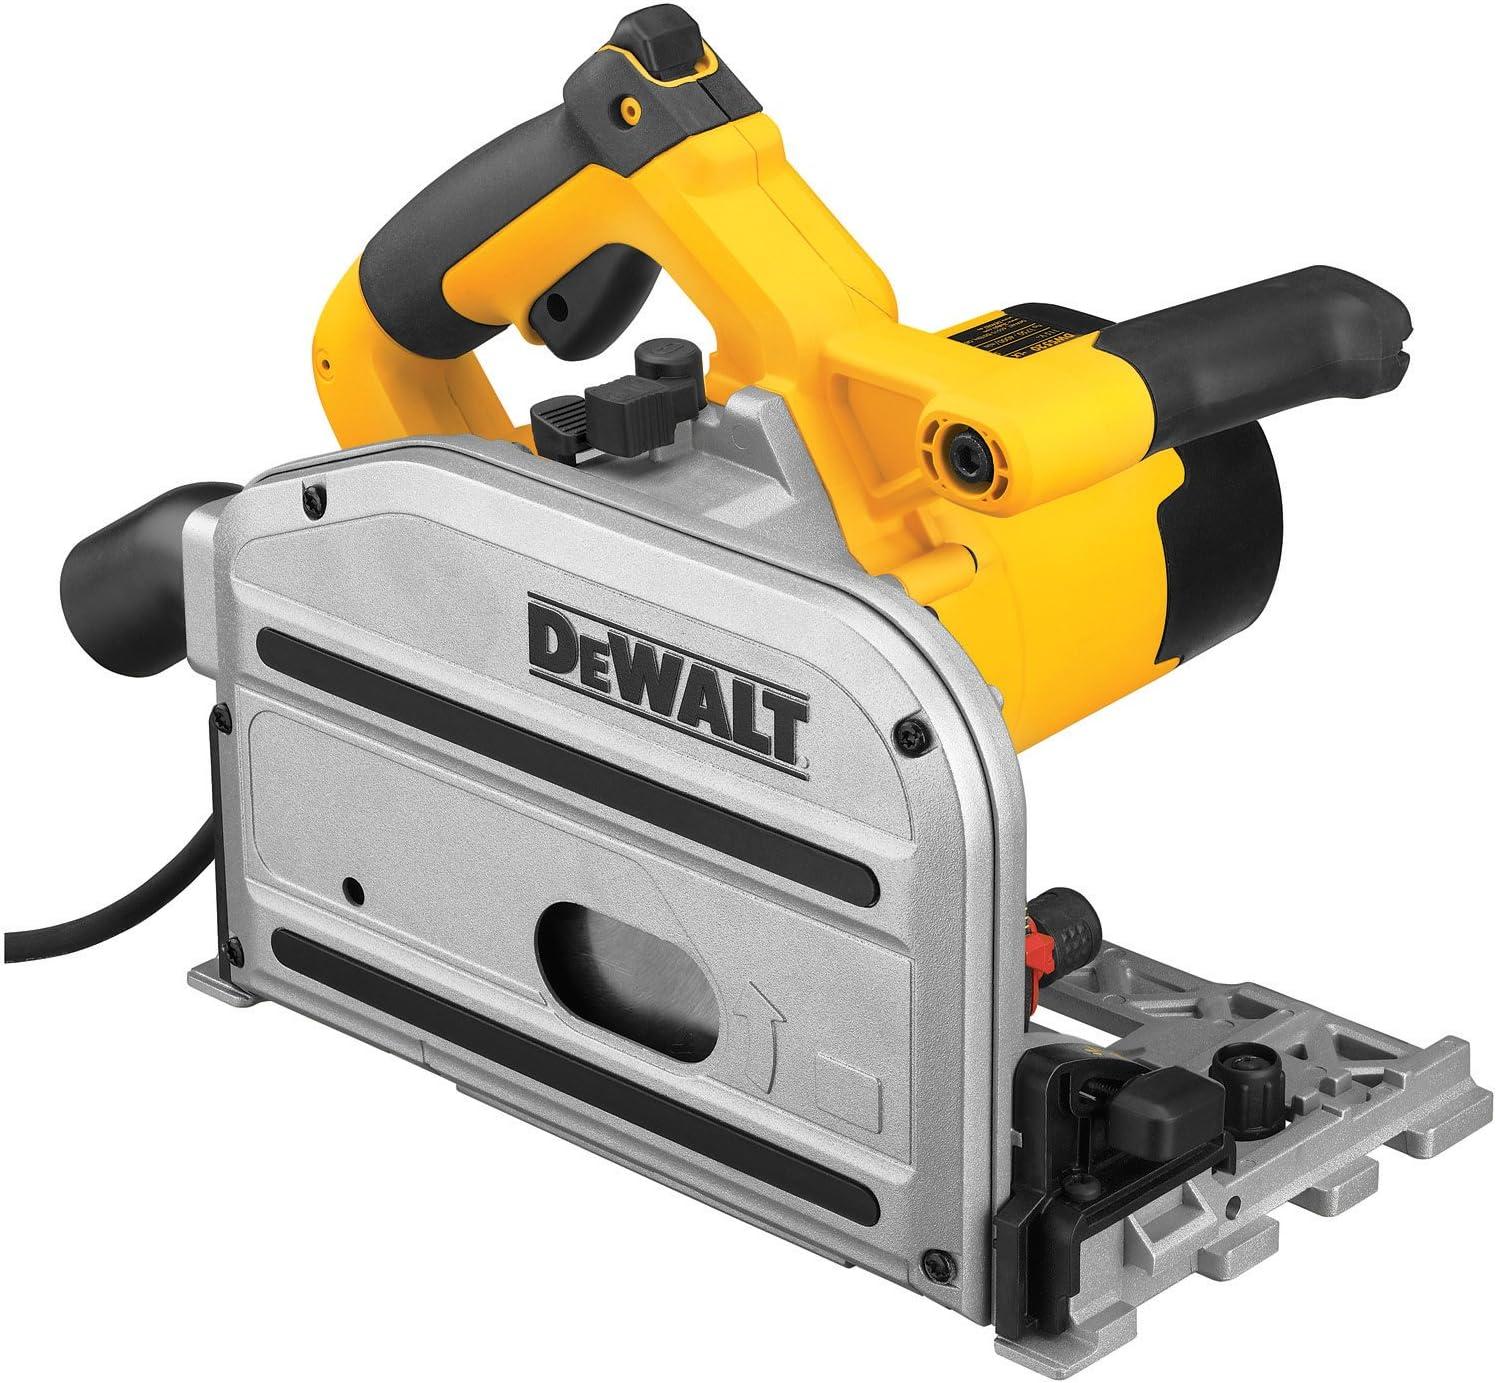 DEWALT DWS520K 6-1/2-Inch TrackSaw Kit